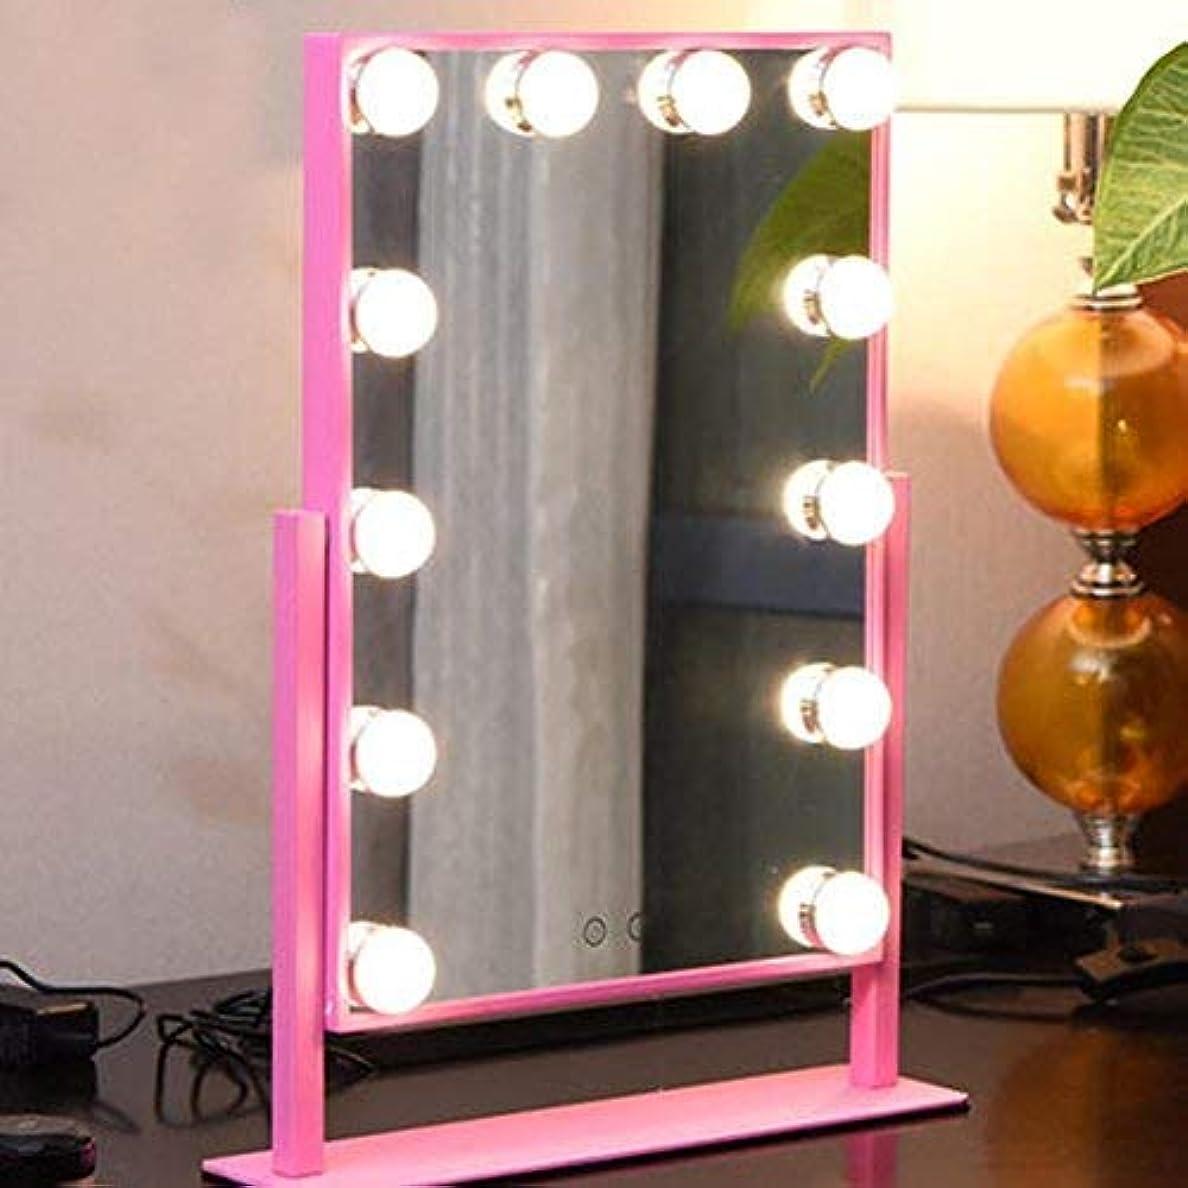 常習的用心する大人メイクアップミラー - ミラー大片面電球バニティミラー二色調光美容ミラーと化粧鏡テーブルLEDランプ (Pink)